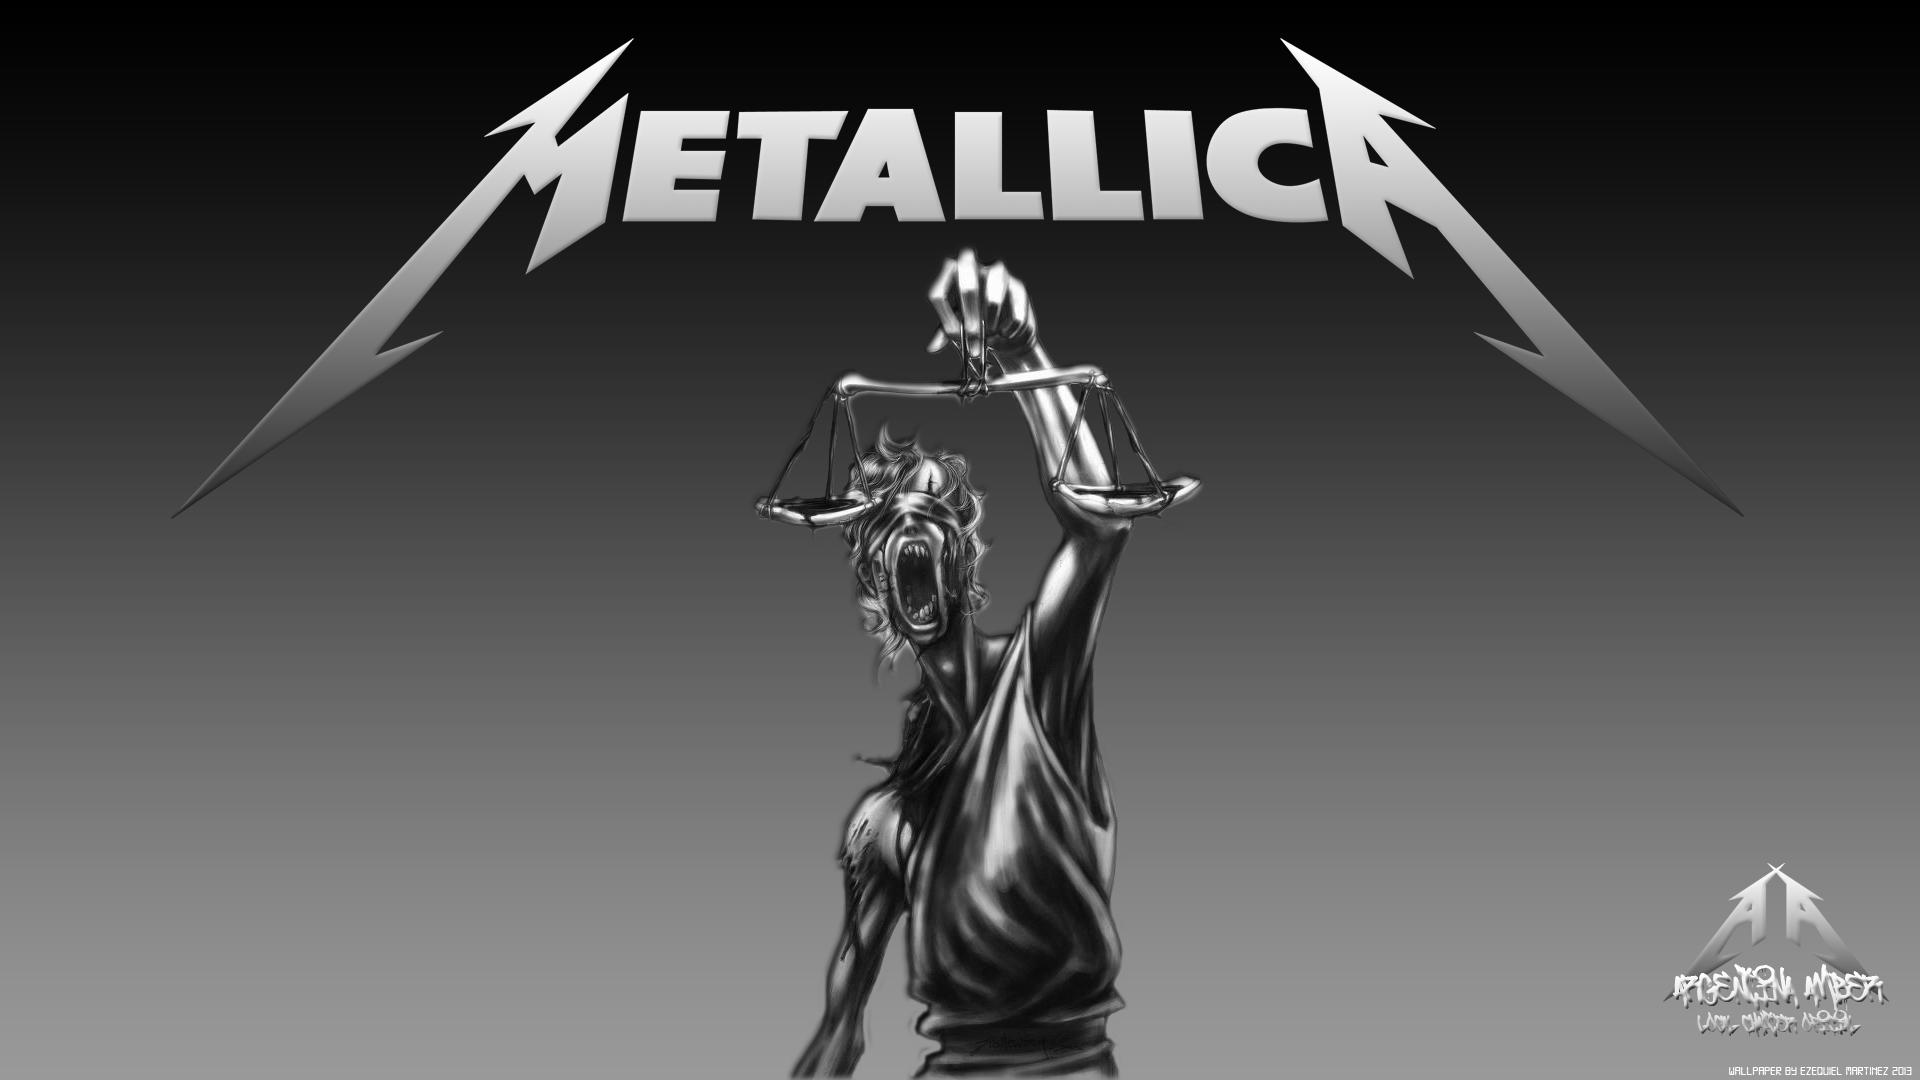 Doris Metallica Wallpaper 3 by emfotografia